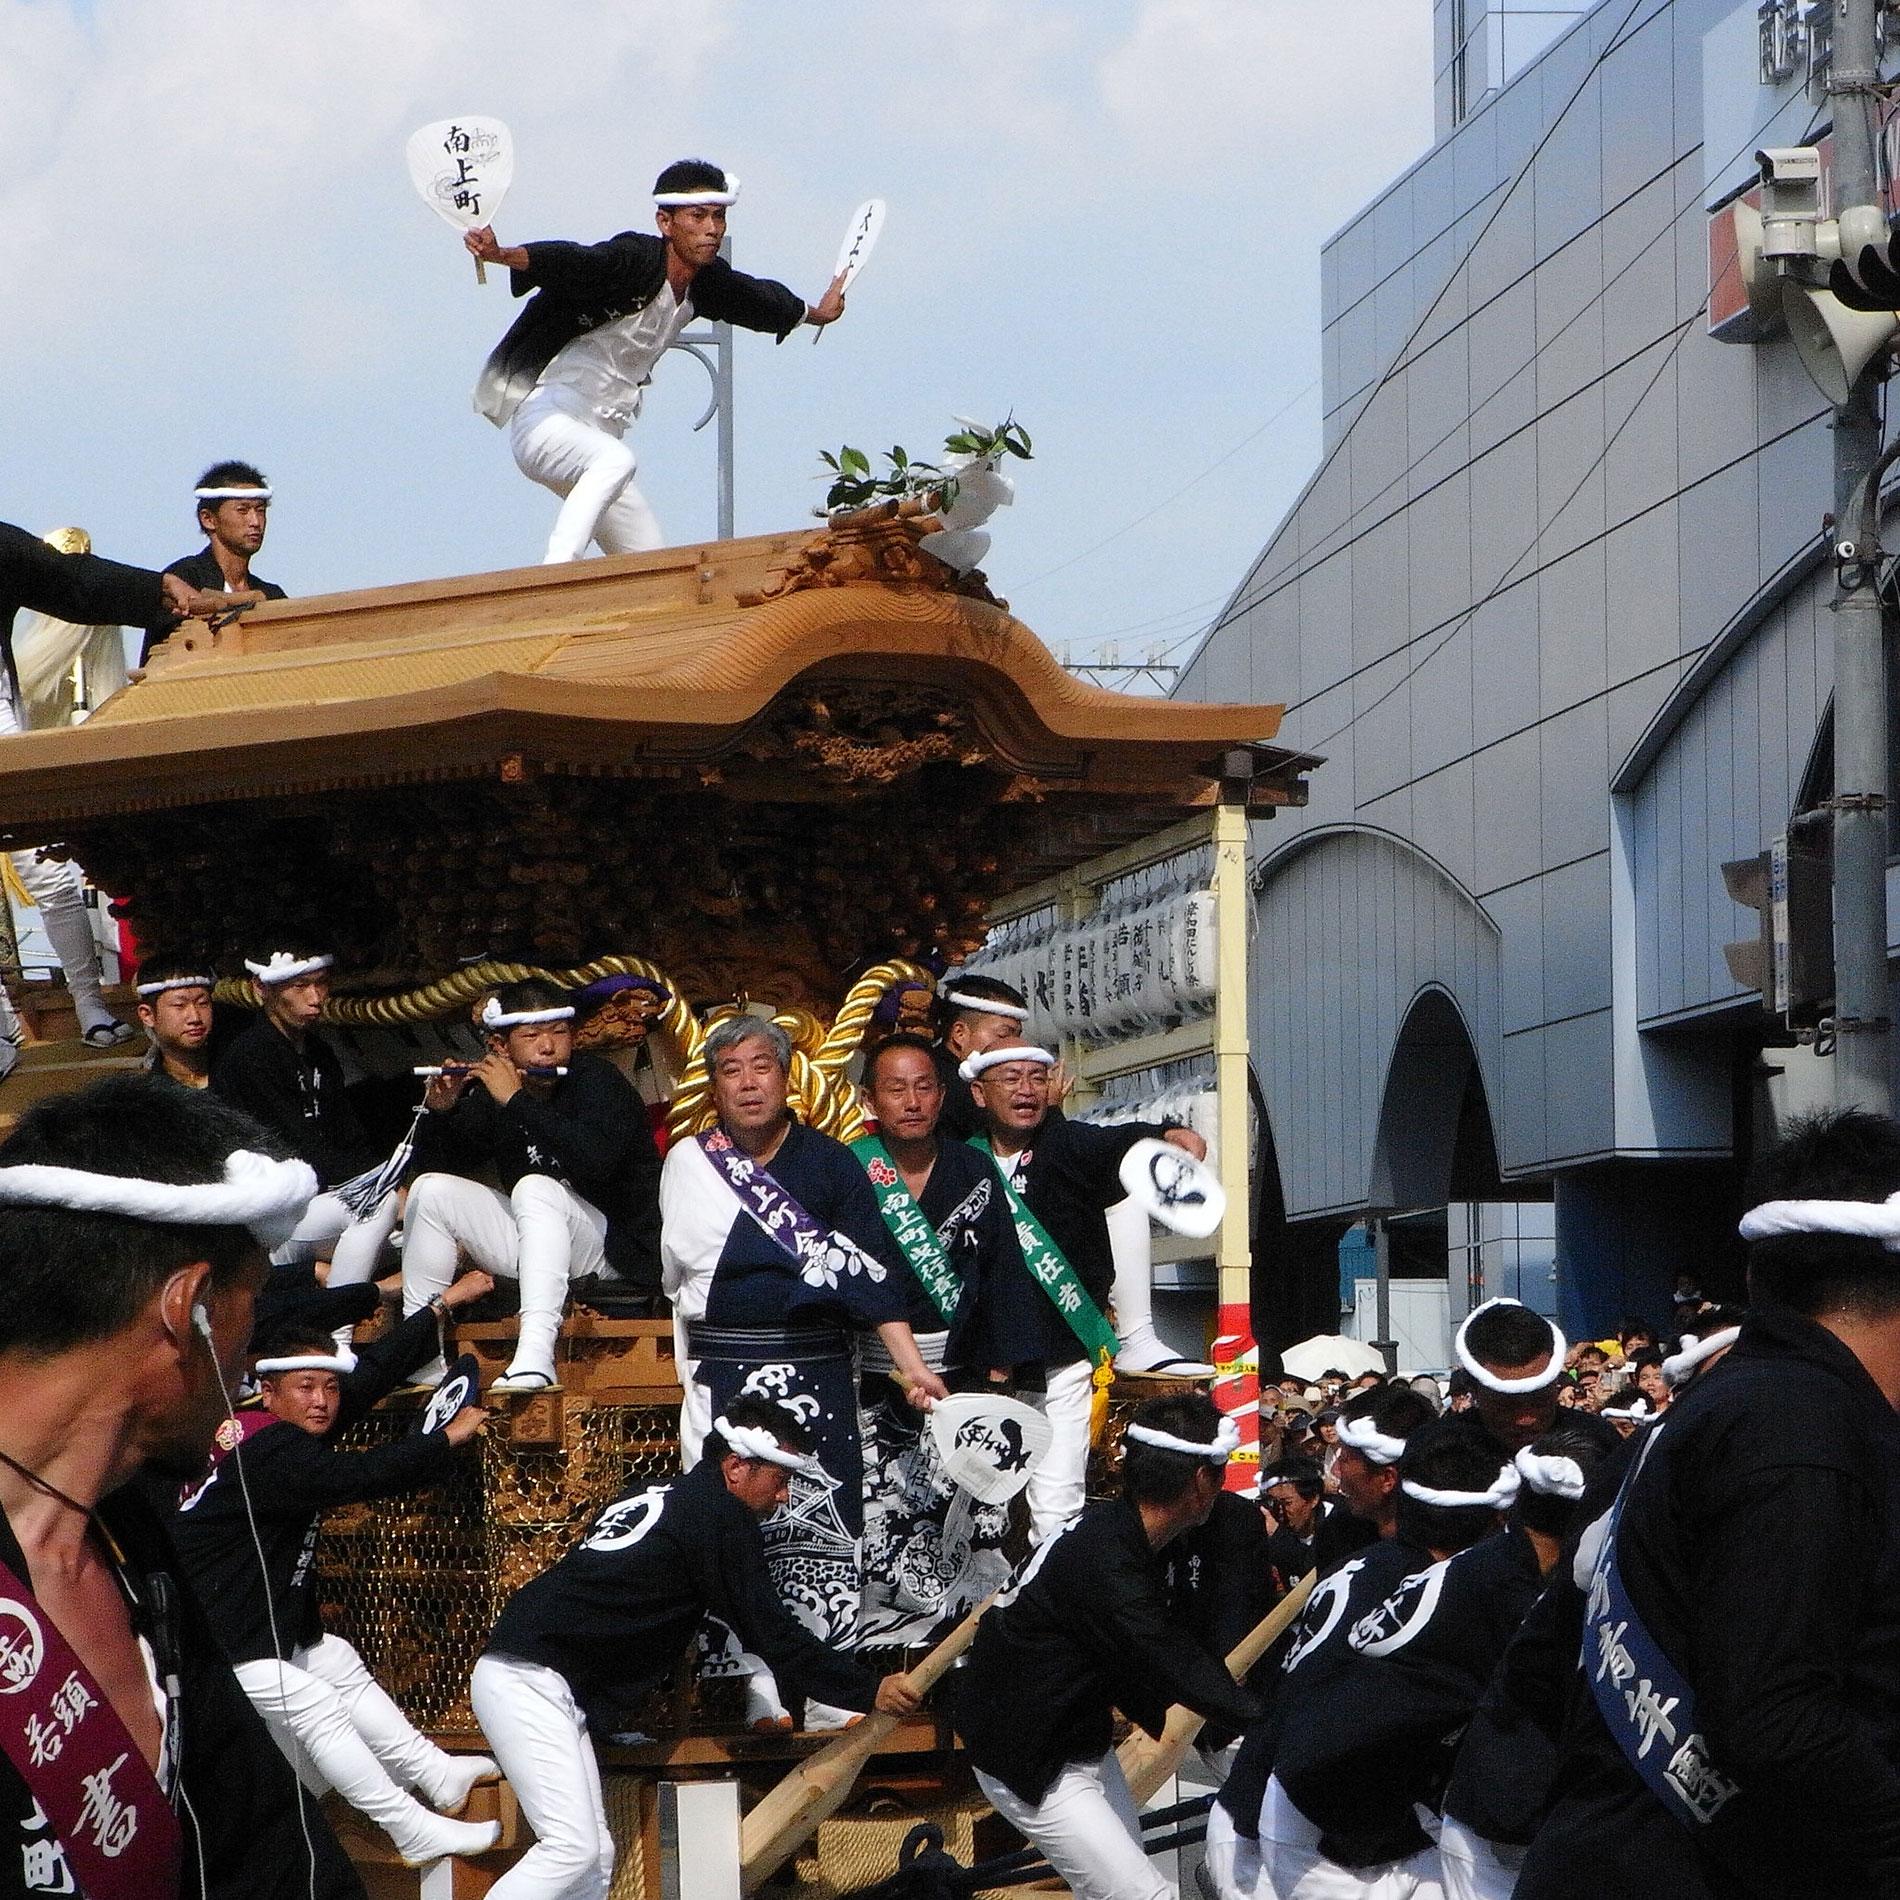 Die Festwagen beim Kishiwada Danjiri Matsuri wiegen etwa 4 Tonnen. Wagemutige Männer geben obenauf eine Vorstellung. (Foto: noriko auf flickr https://flic.kr/p/5mFM4Y CC BY-ND 2.0)